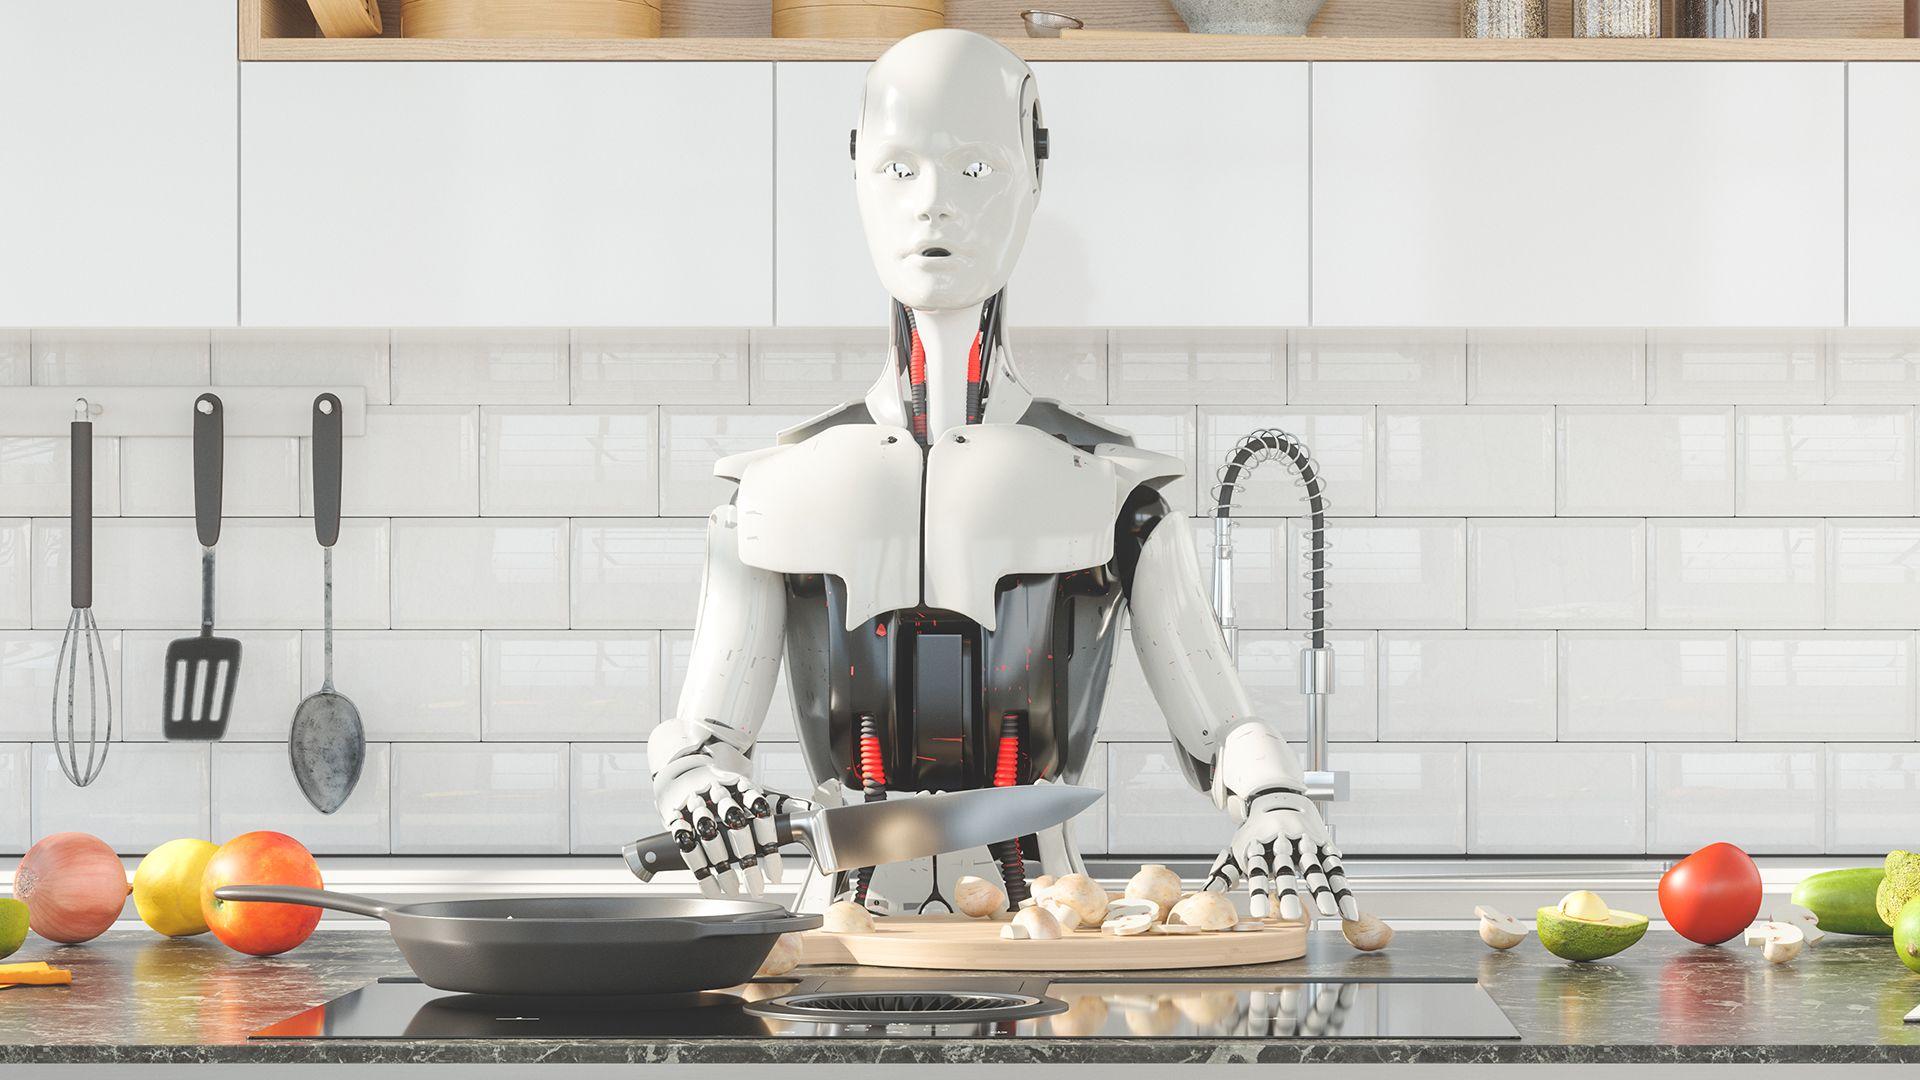 robotséfet tanítottak omlettet sütni